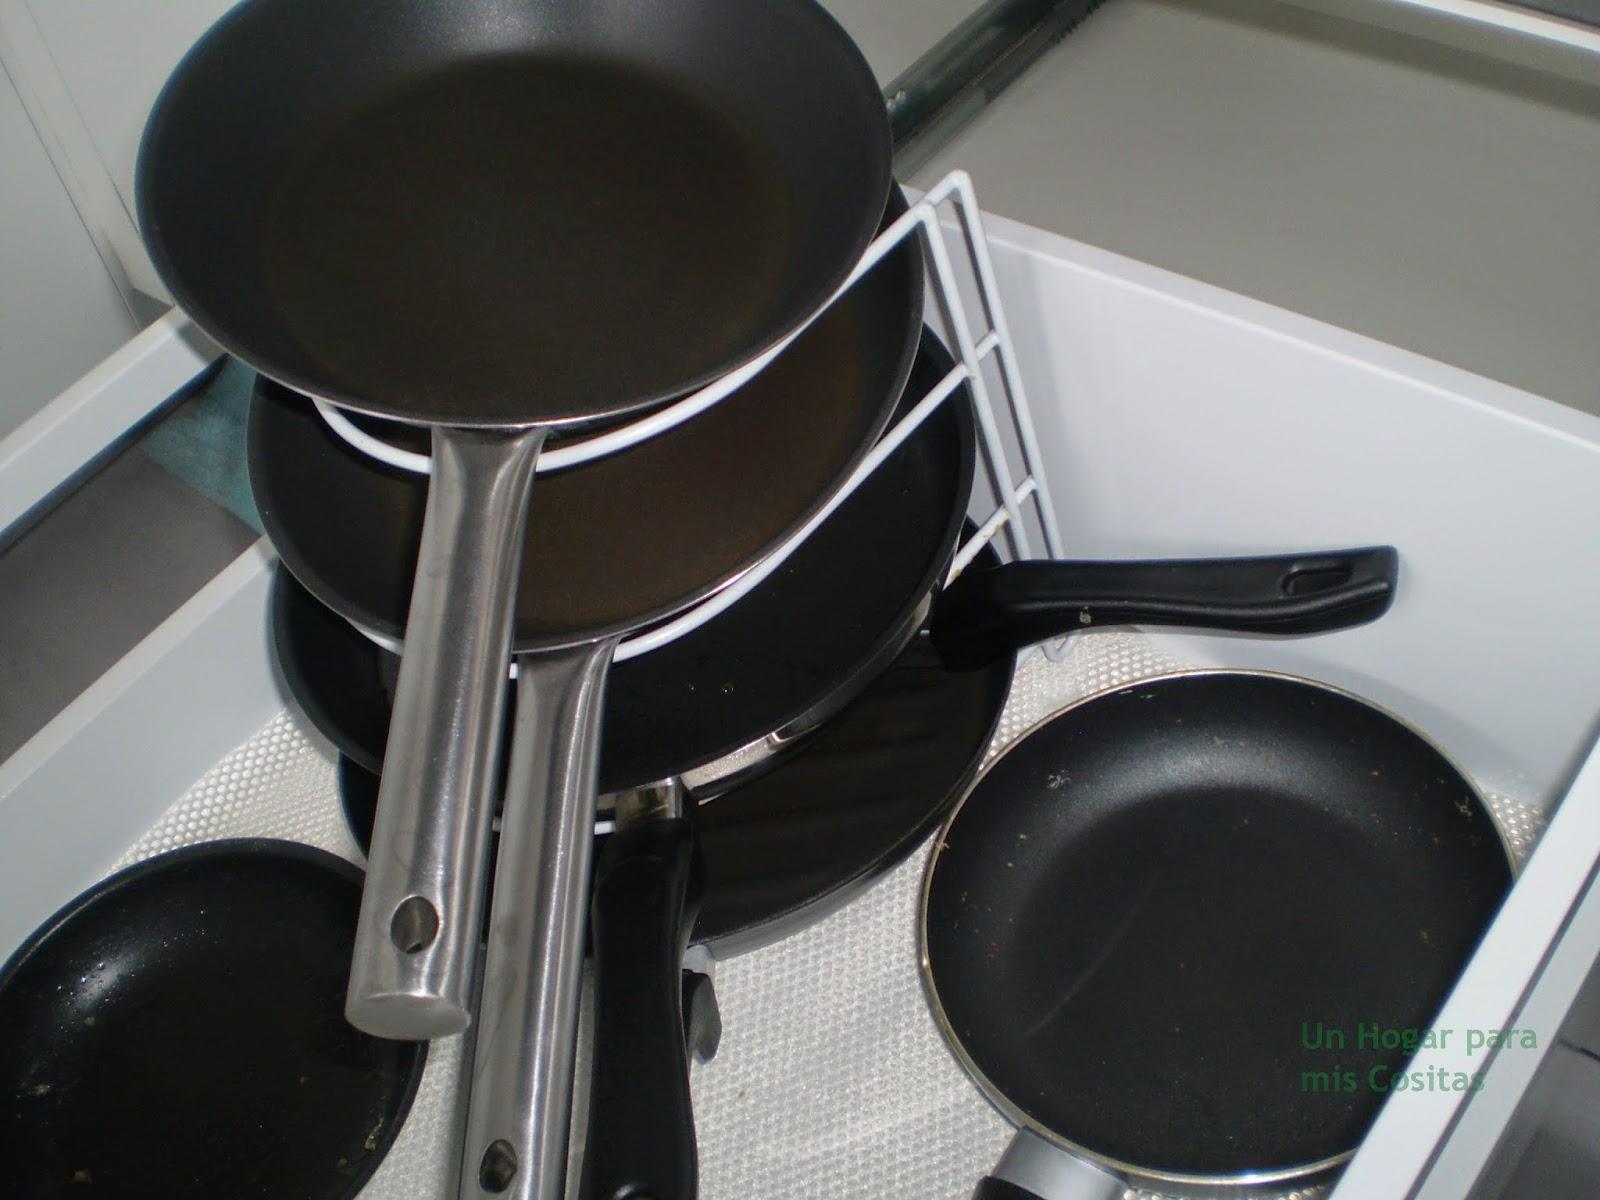 Un Hogar Para Mis Cositas Orden En La Cocina Actualizada  ~ Leroy Merlin Cajas Organizadoras